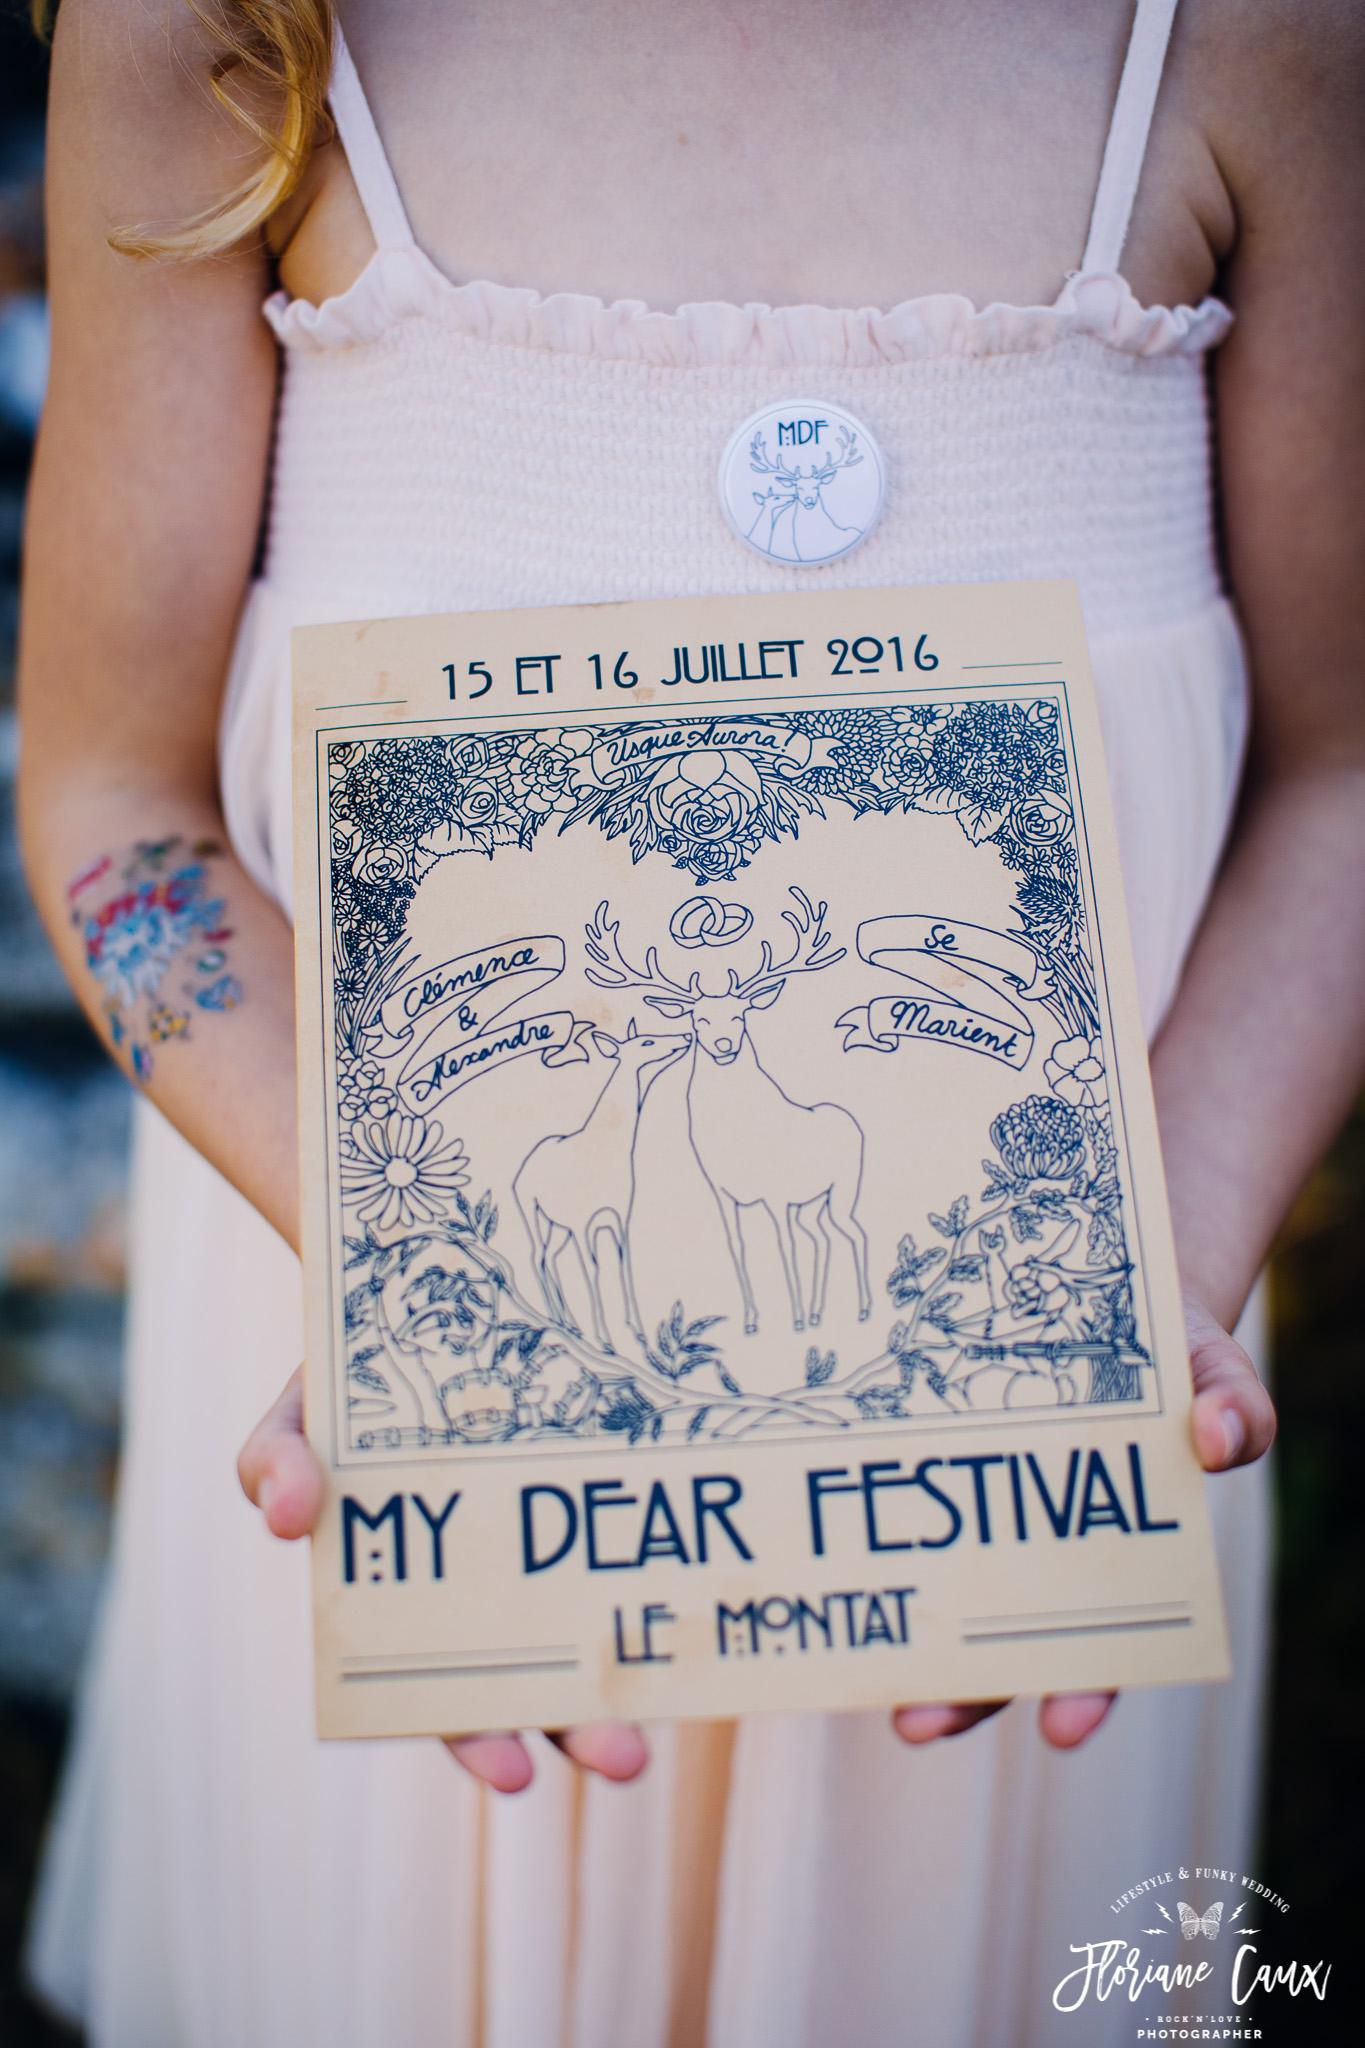 mariage-festival-cahors-preparatifs-mariee-1